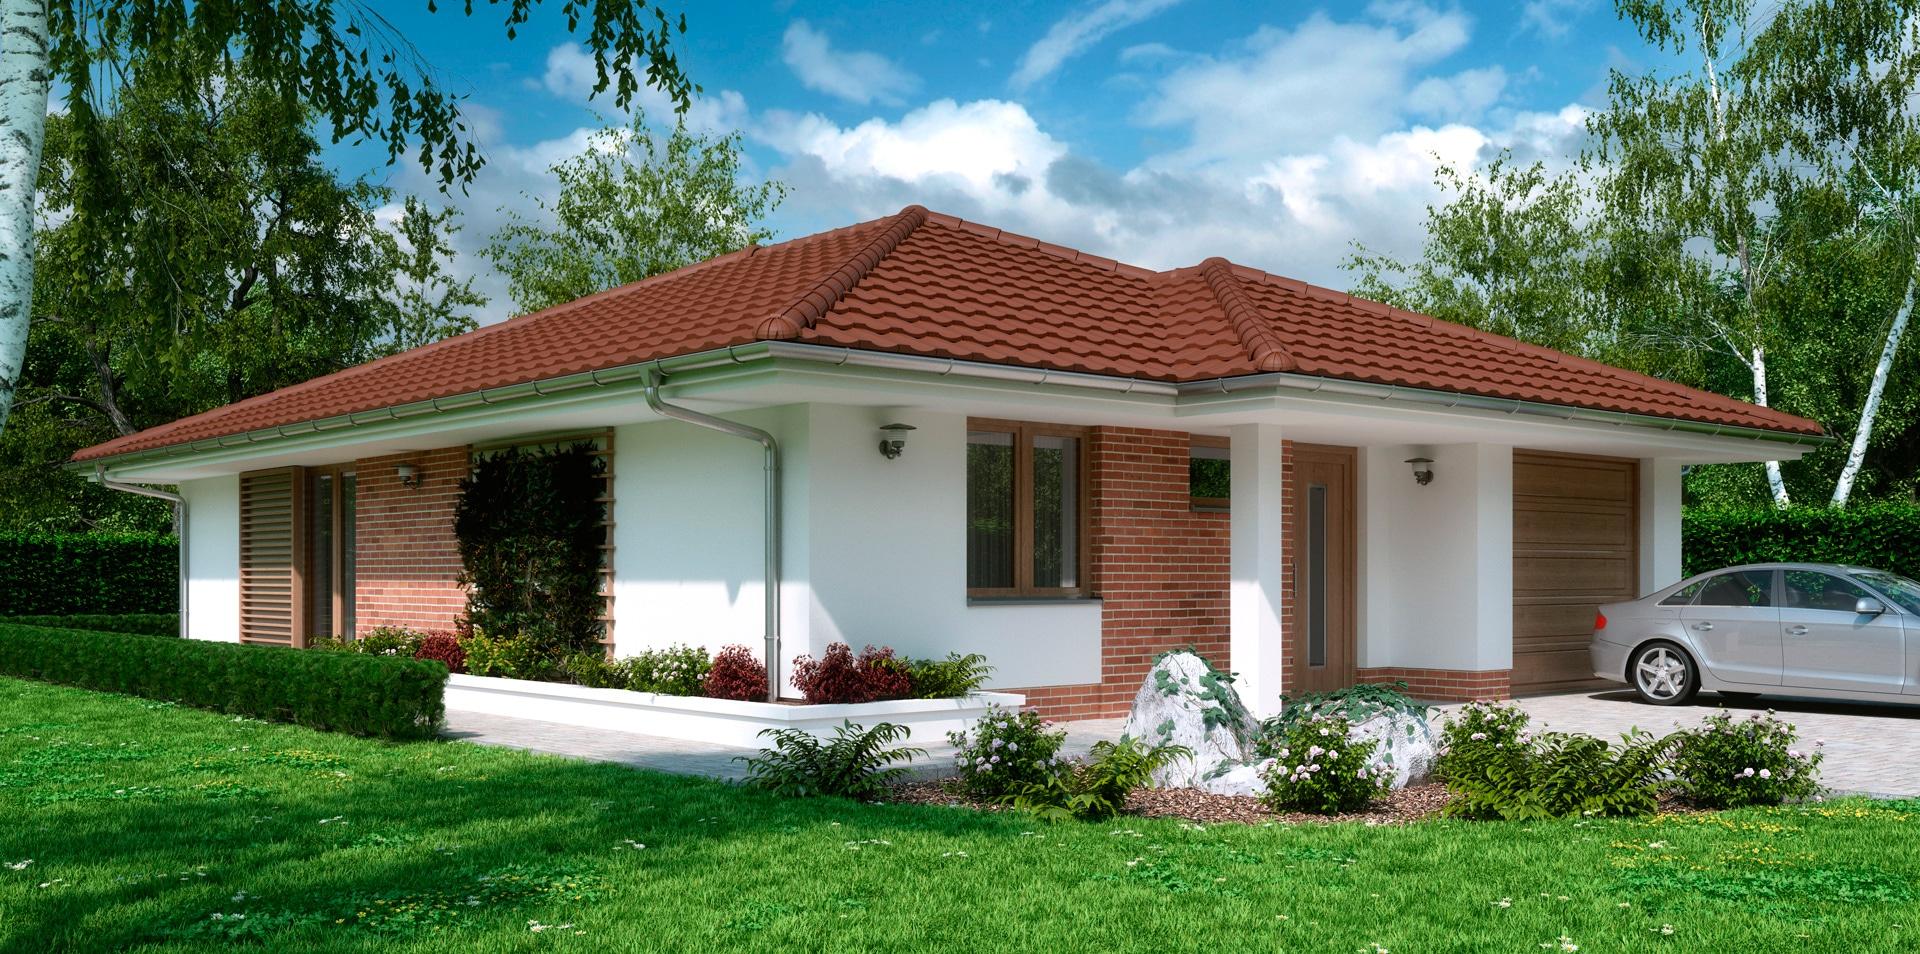 Проект одноэтажного дома c гаражом и террасой «КО-162» - фото №1